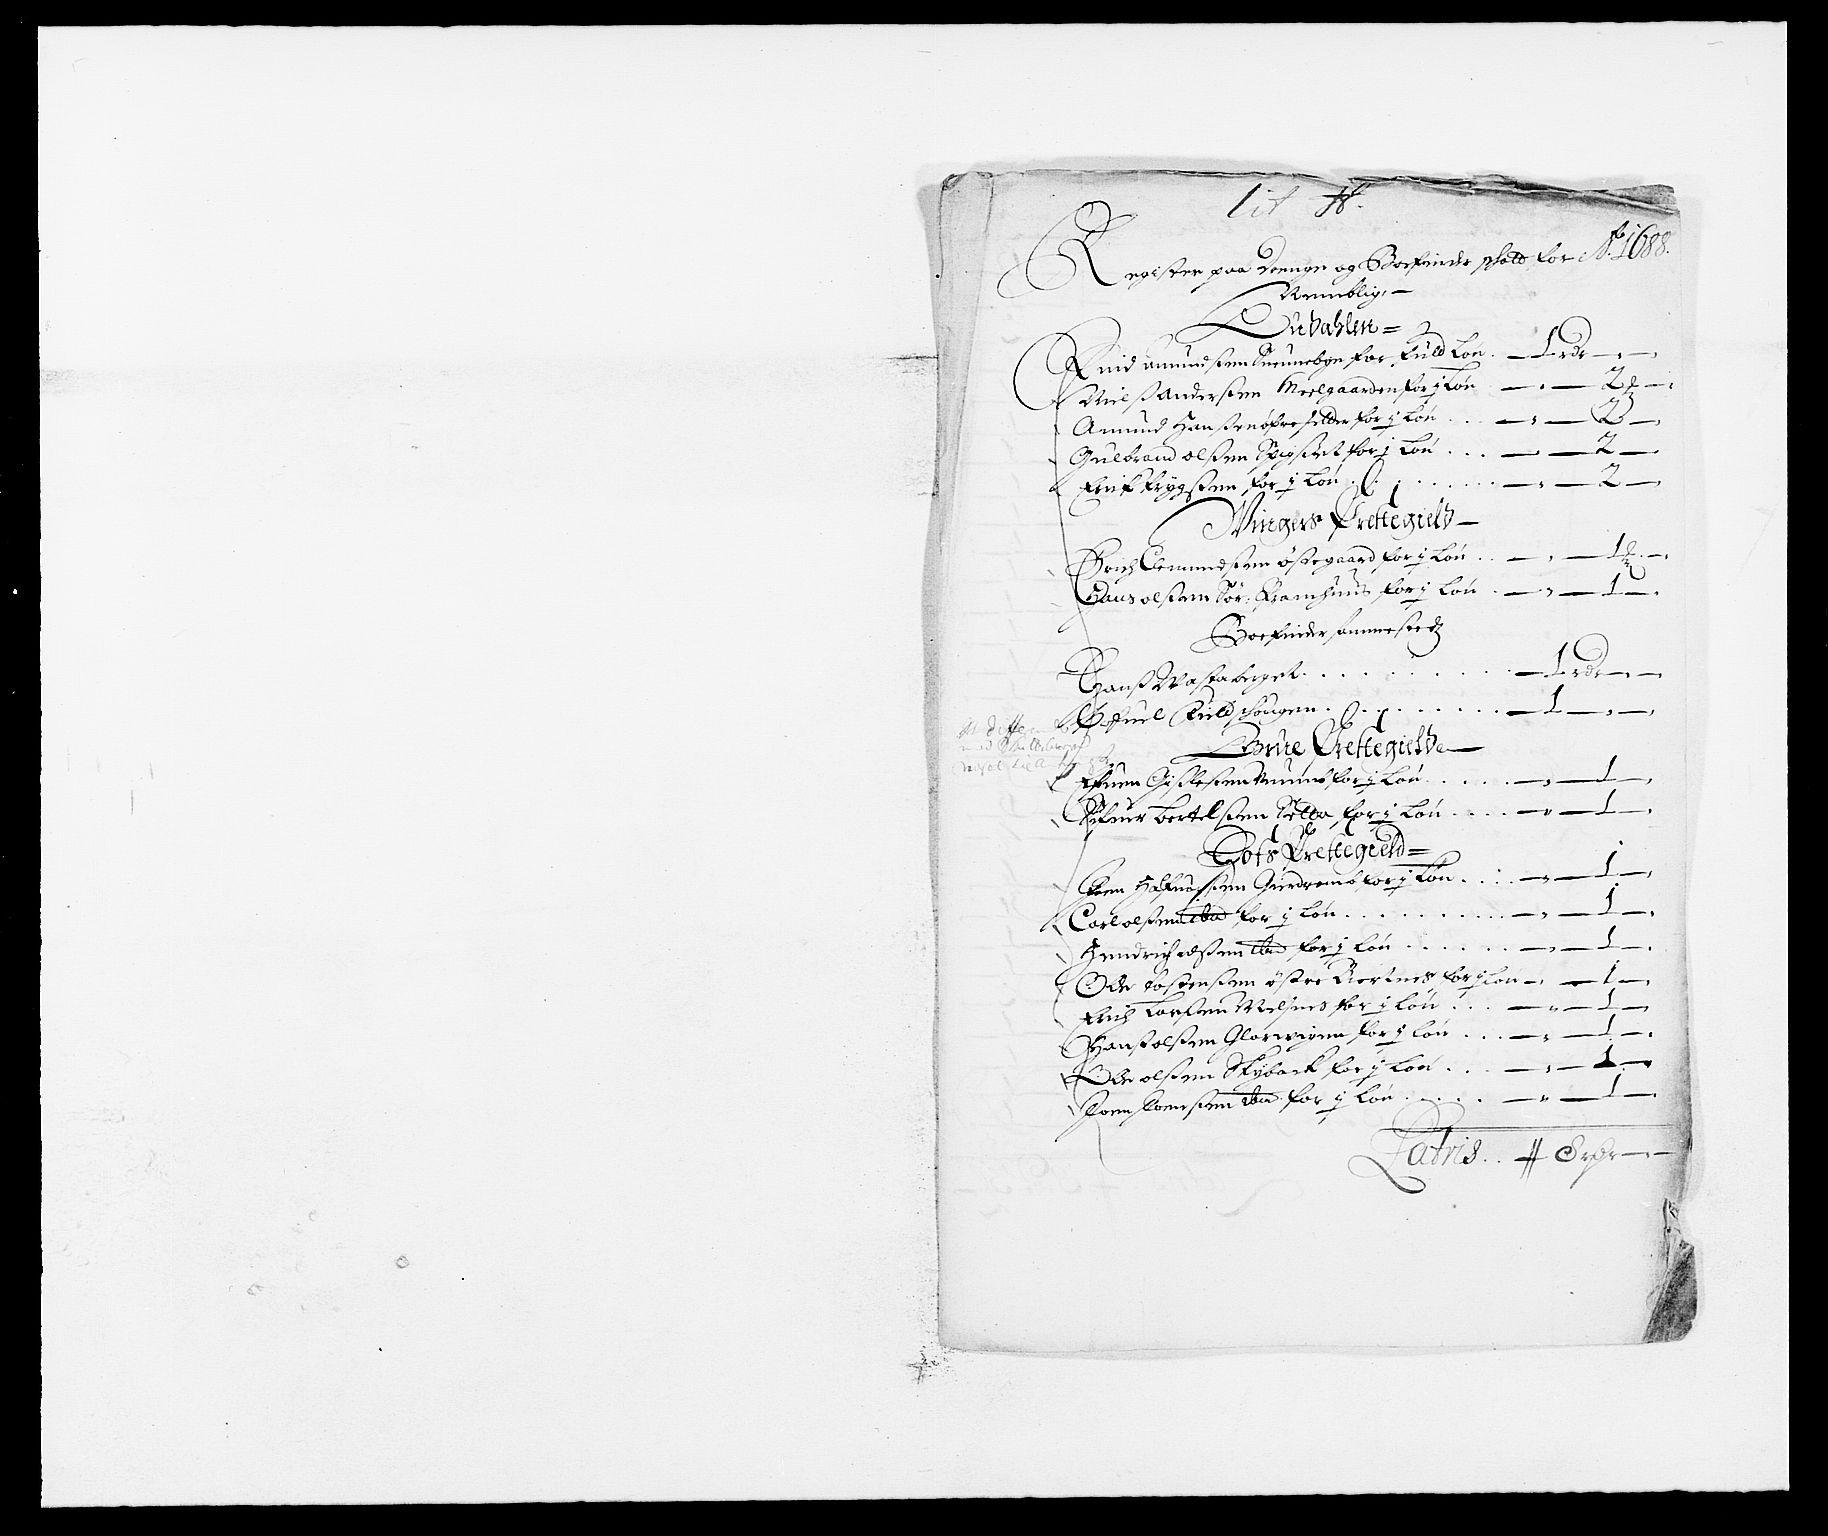 RA, Rentekammeret inntil 1814, Reviderte regnskaper, Fogderegnskap, R13/L0825: Fogderegnskap Solør, Odal og Østerdal, 1688, s. 231